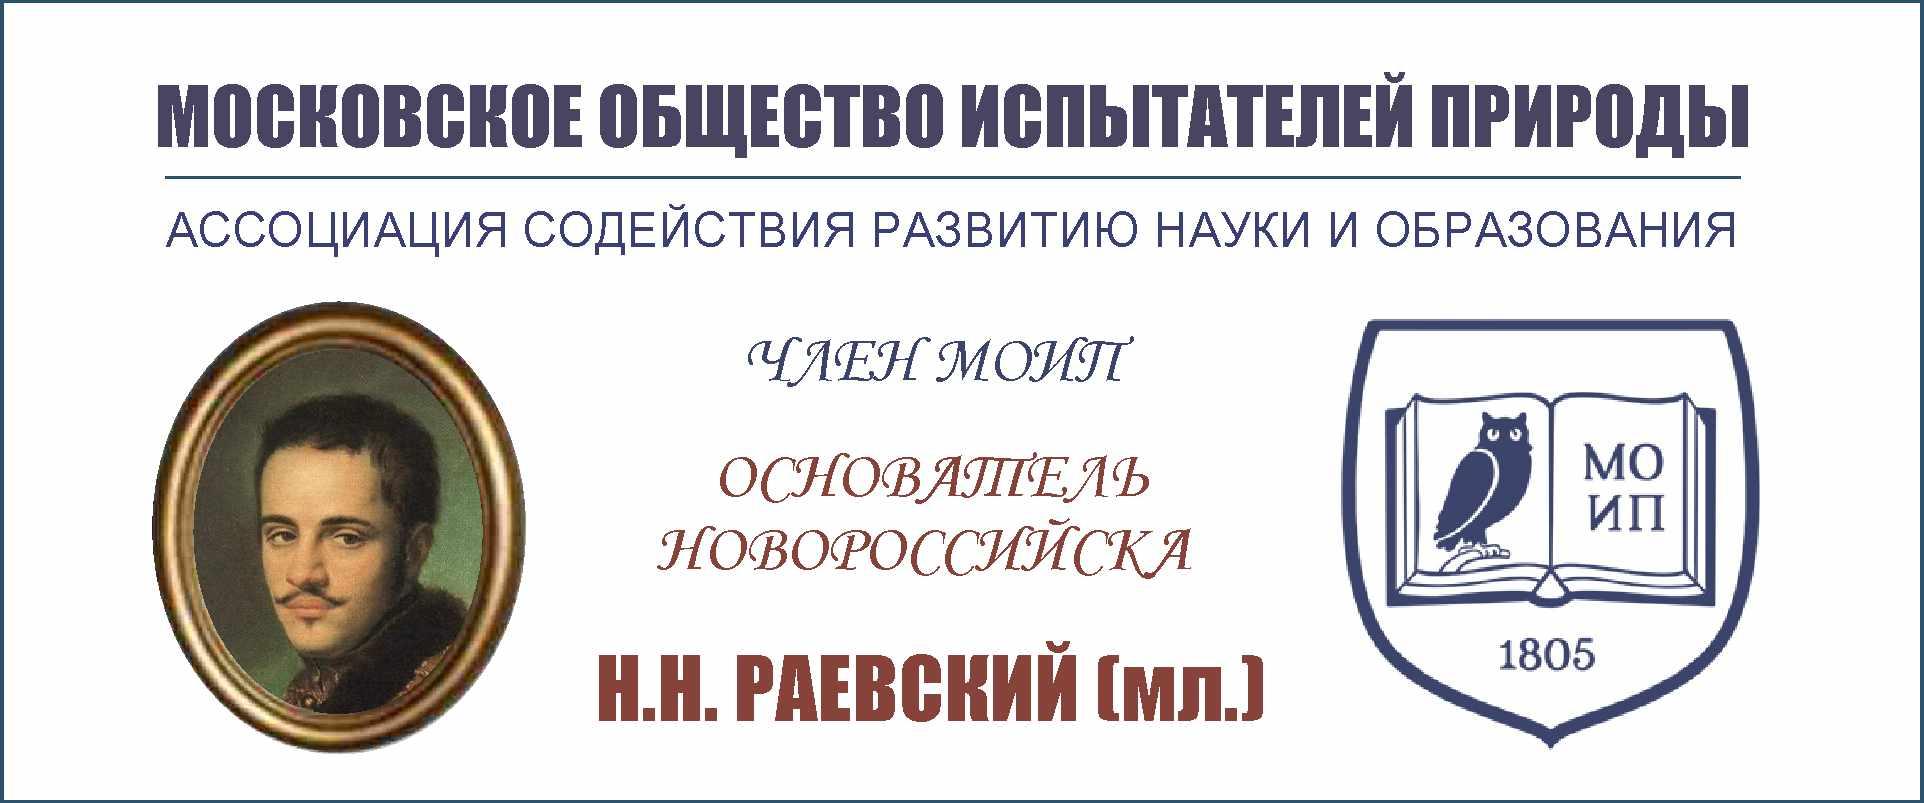 Н.Н.РАЕВСКИЙ (МЛАДШИЙ) – ЧЛЕН МОСКОВСКОГО ОБЩЕСТВА ИСПЫТАТЕЛЕЙ ПРИРОДЫ